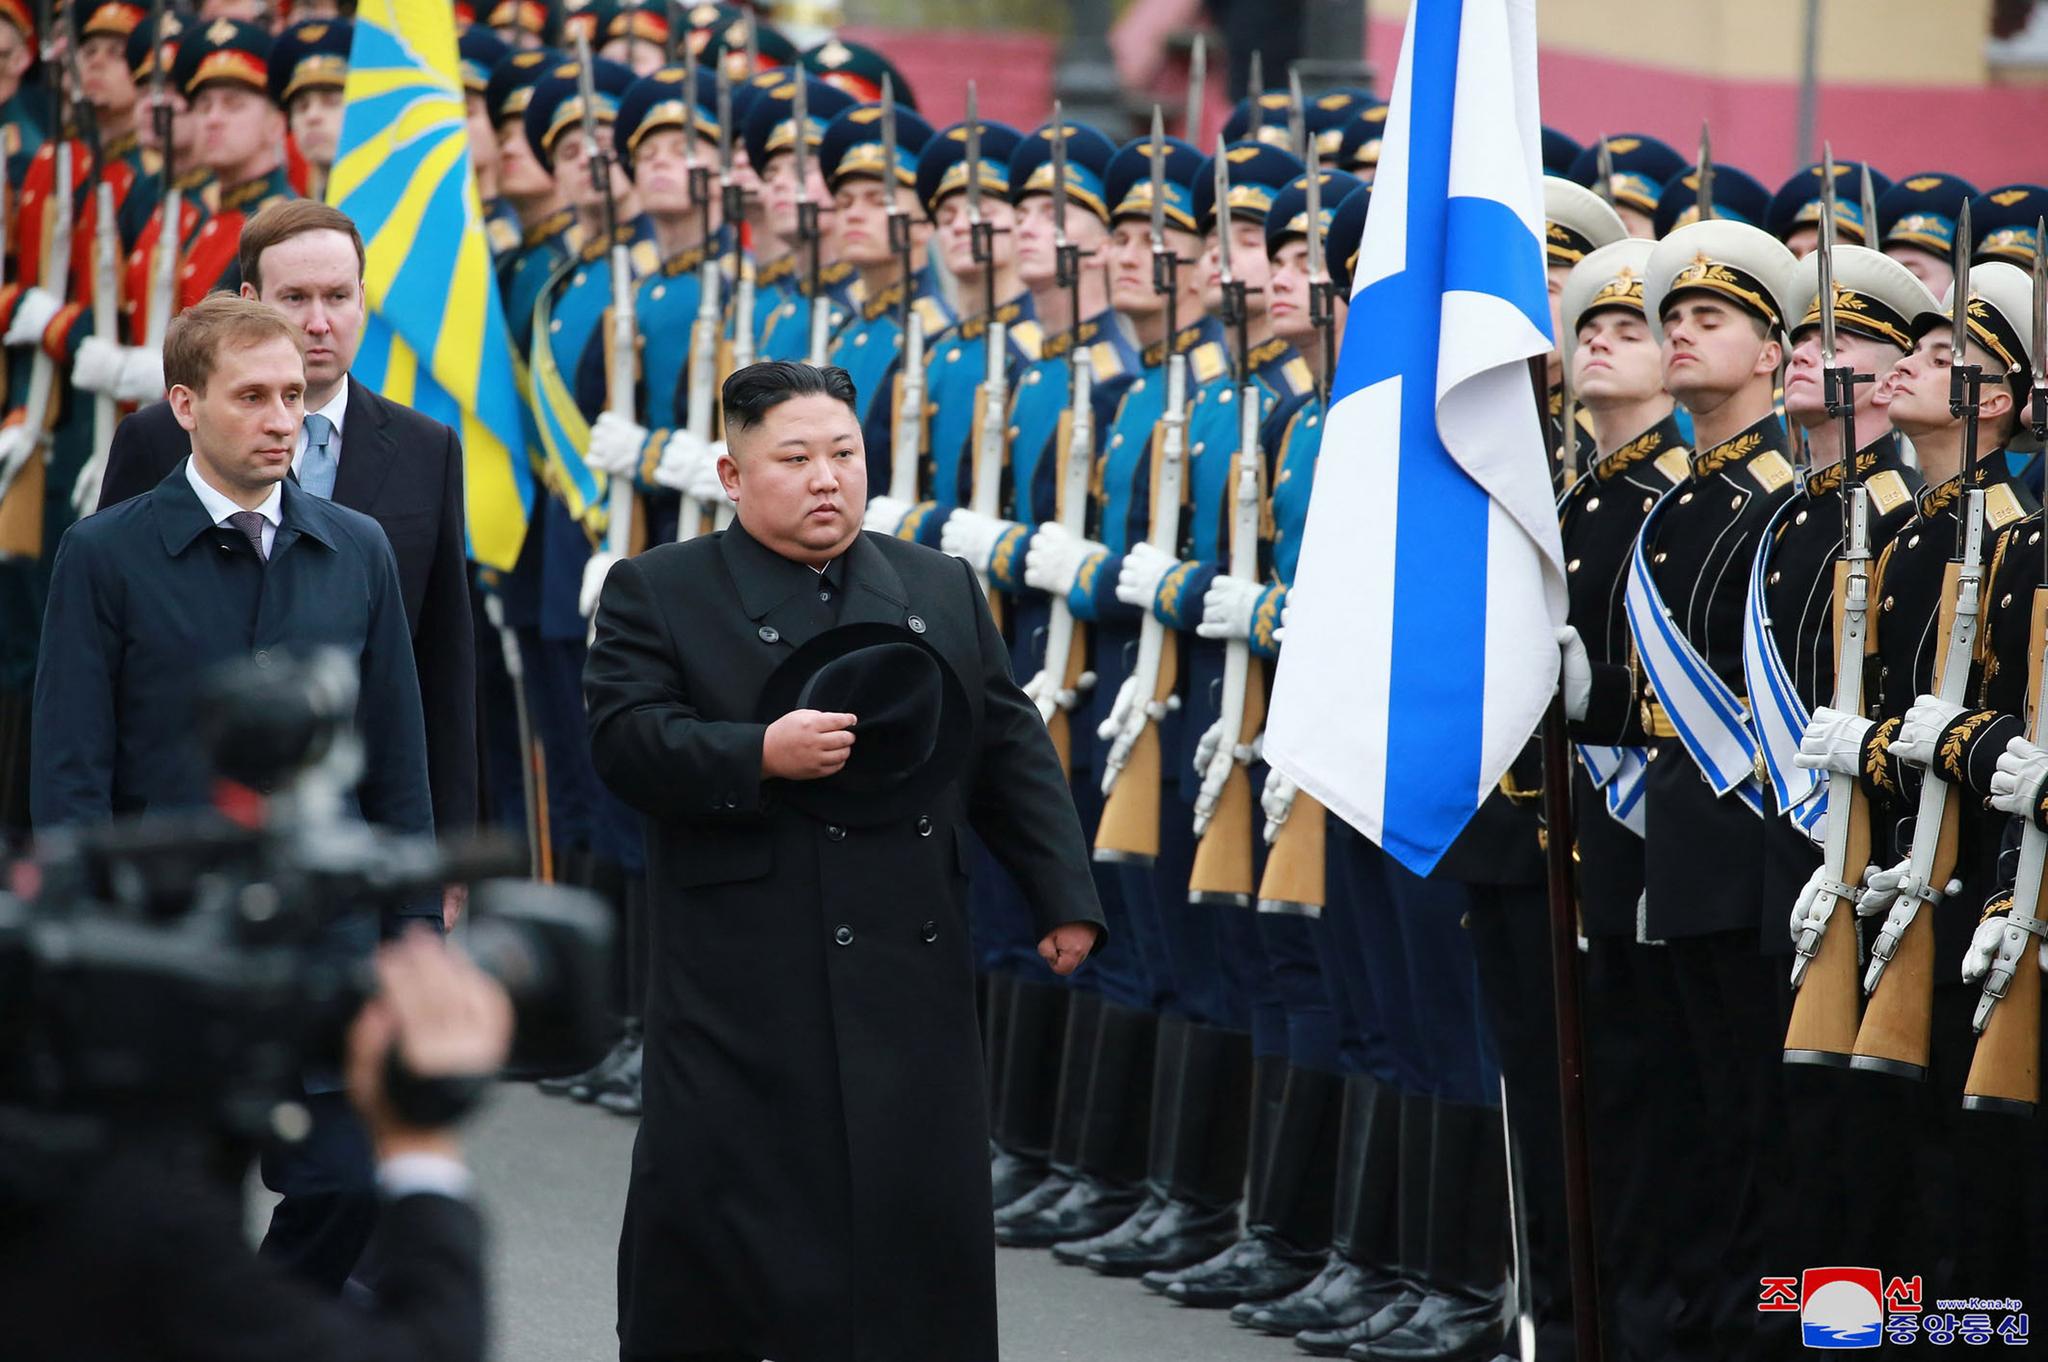 김정은 북한 국무위원장이 24일 러시아 블라디보스톡에 도착해 의장대를 사열하고 있다. 이 모습은 아래 김일성 주석의 의장대 사열 모습과 거의 흡사하다. [AP=연합뉴스]